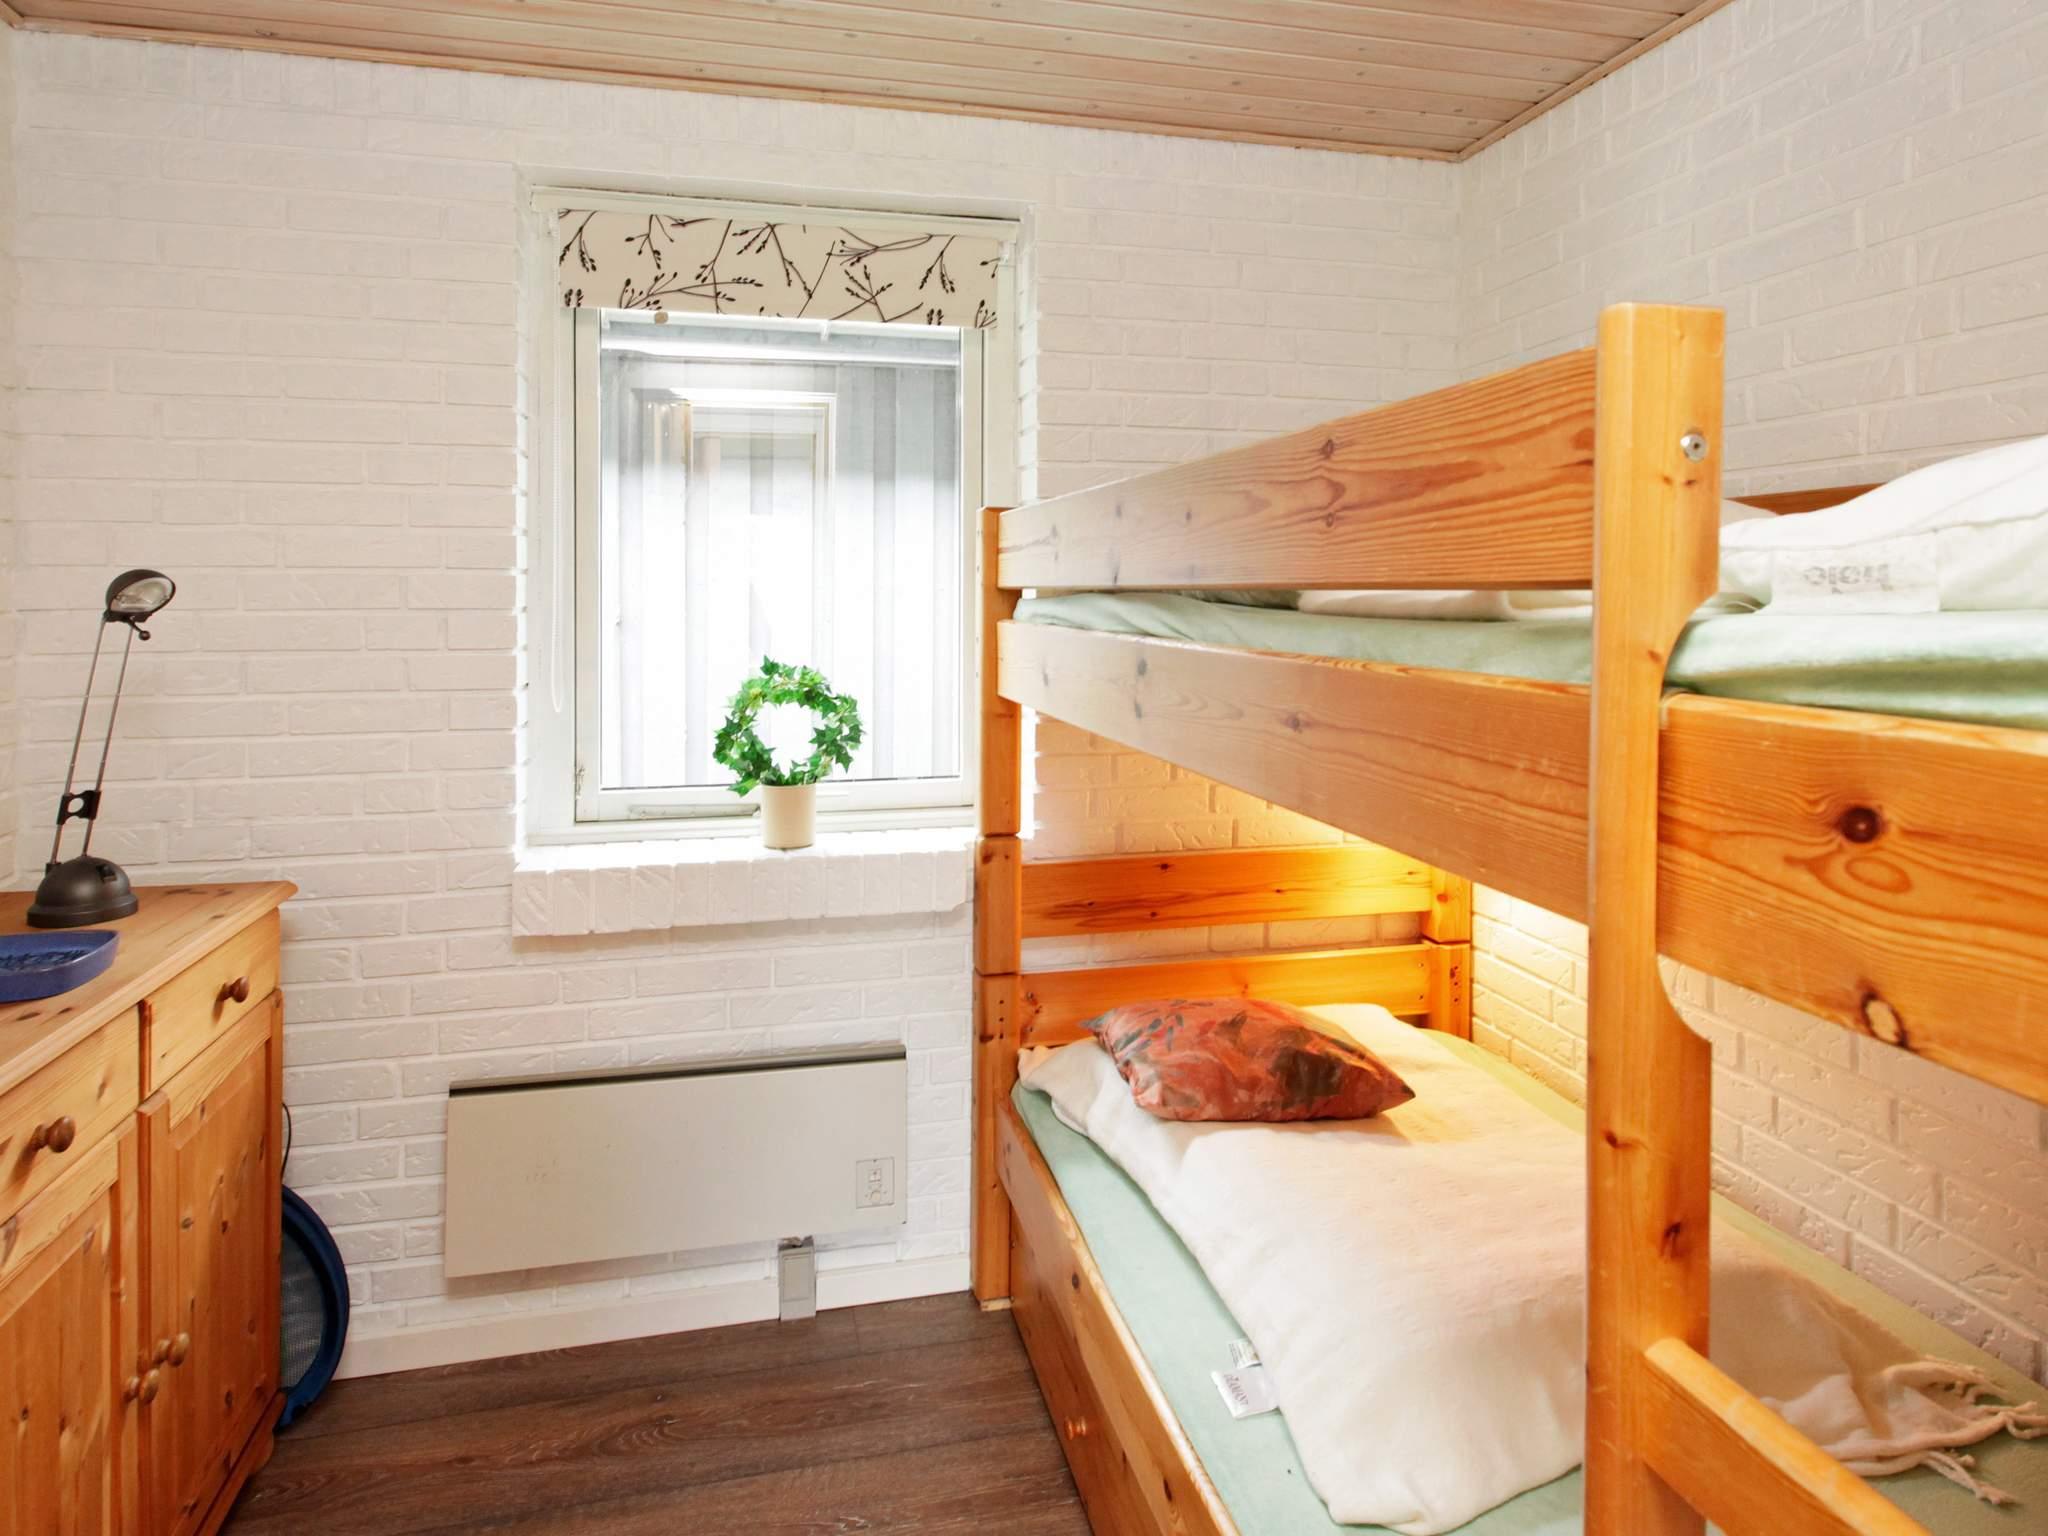 Ferienhaus Hals/Koldkær (359577), Hals, , Nordostjütland, Dänemark, Bild 9